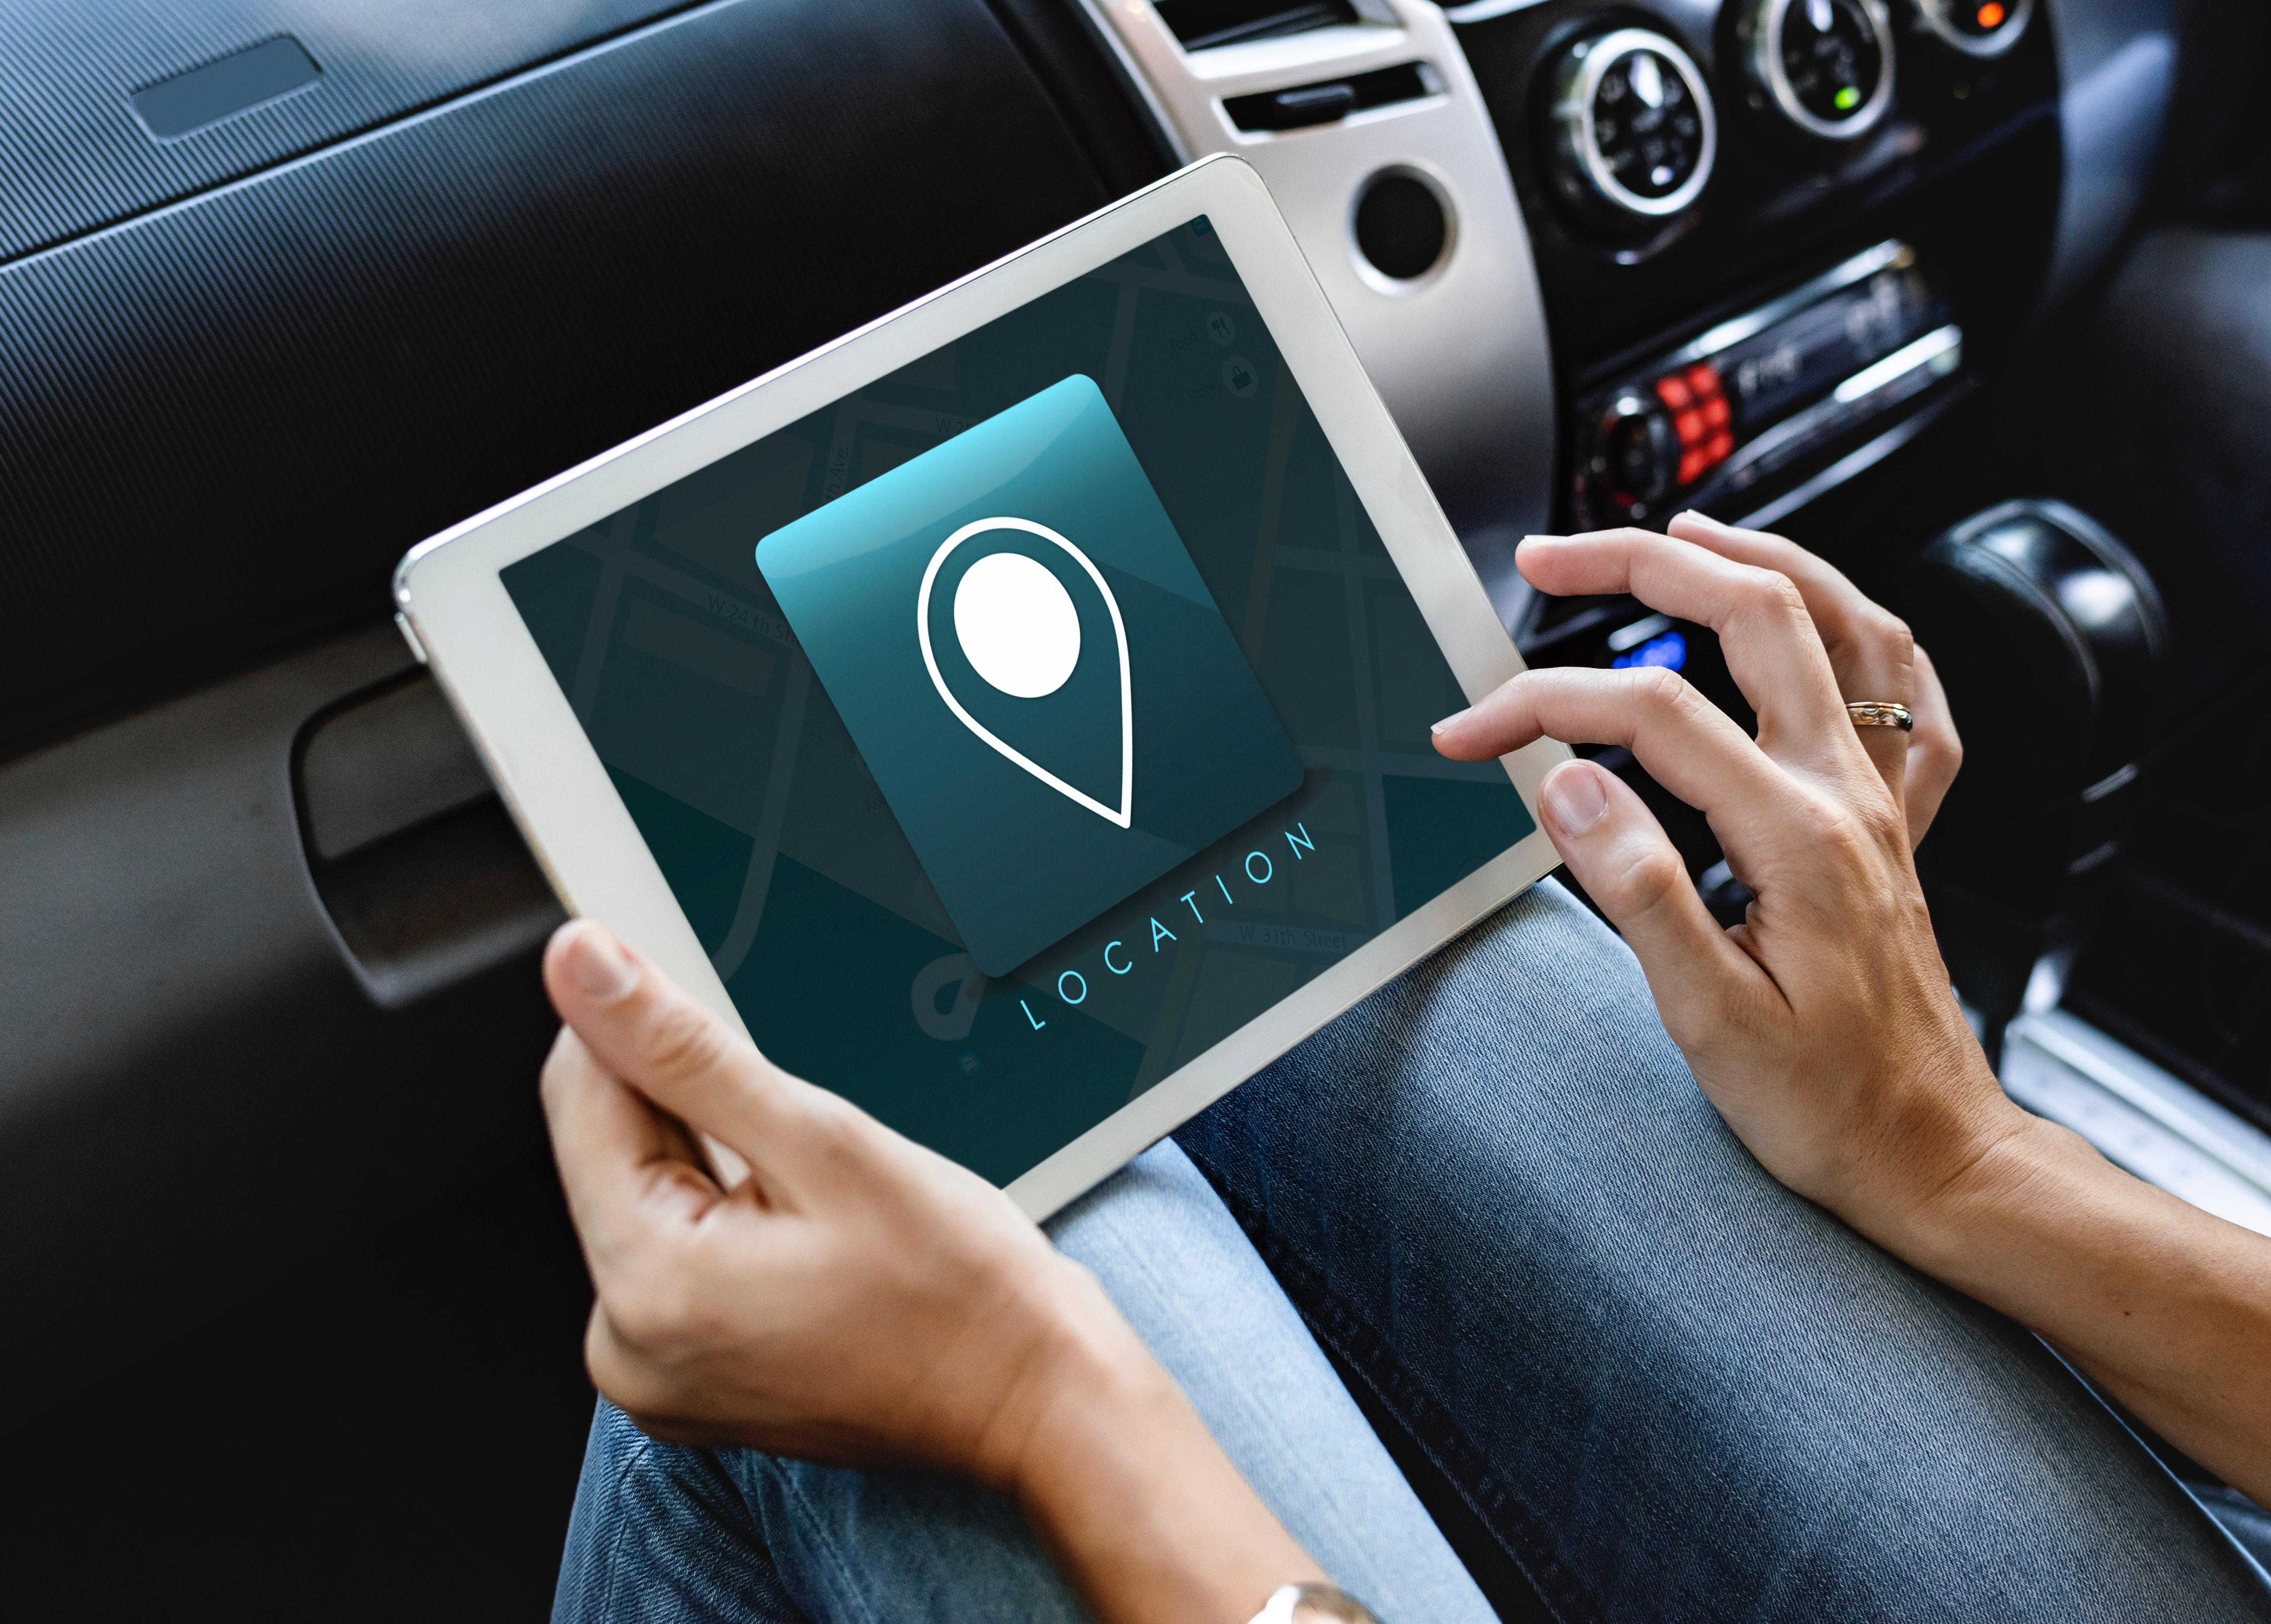 car-connection-dashboard-1305305